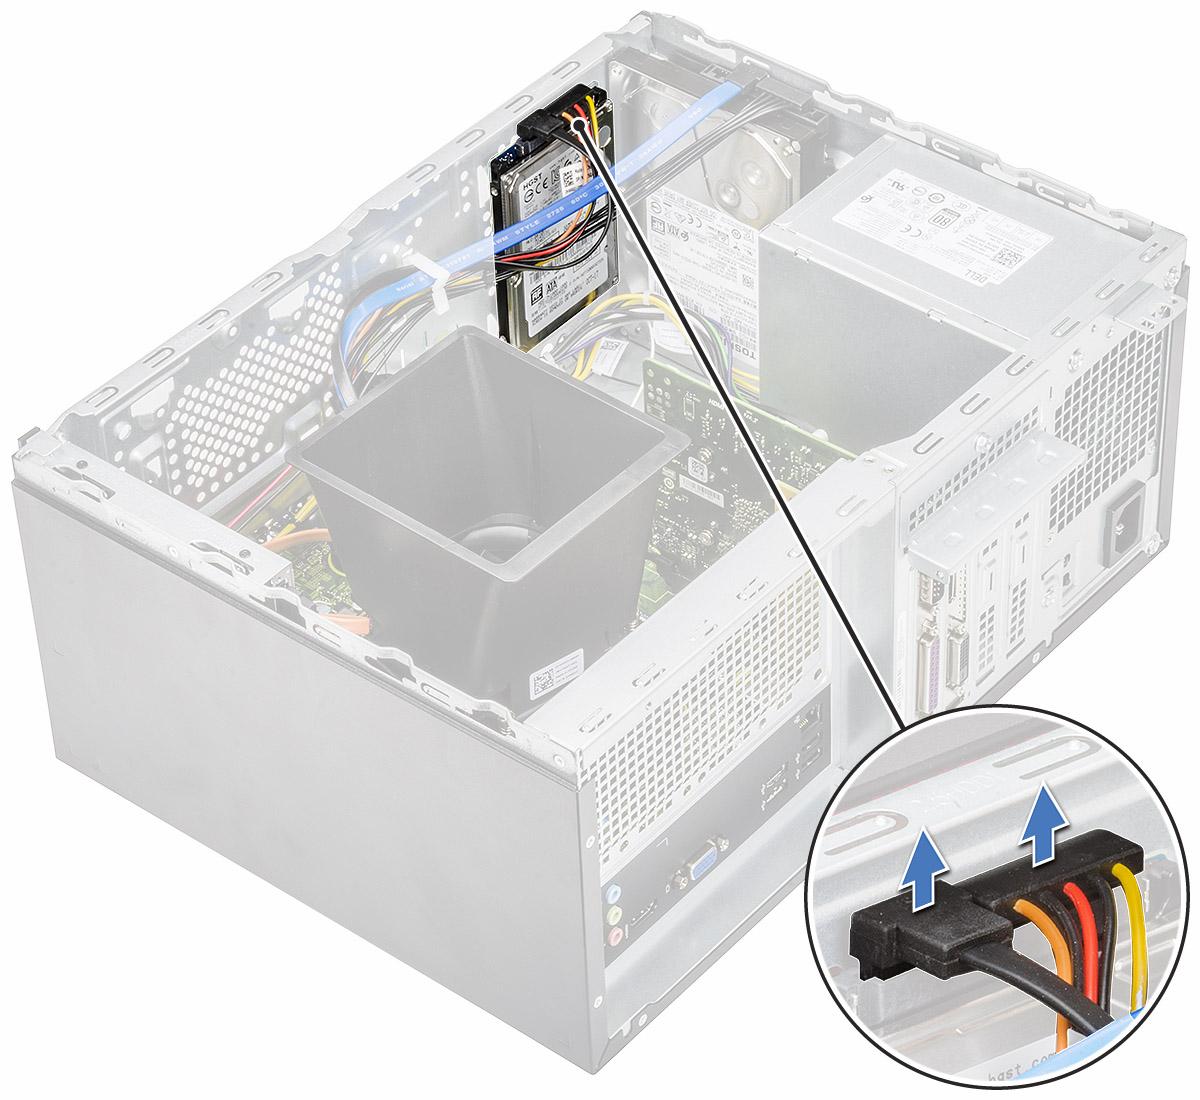 ハードドライブアセンブリをコンピュータから取り外す方法を示す図。